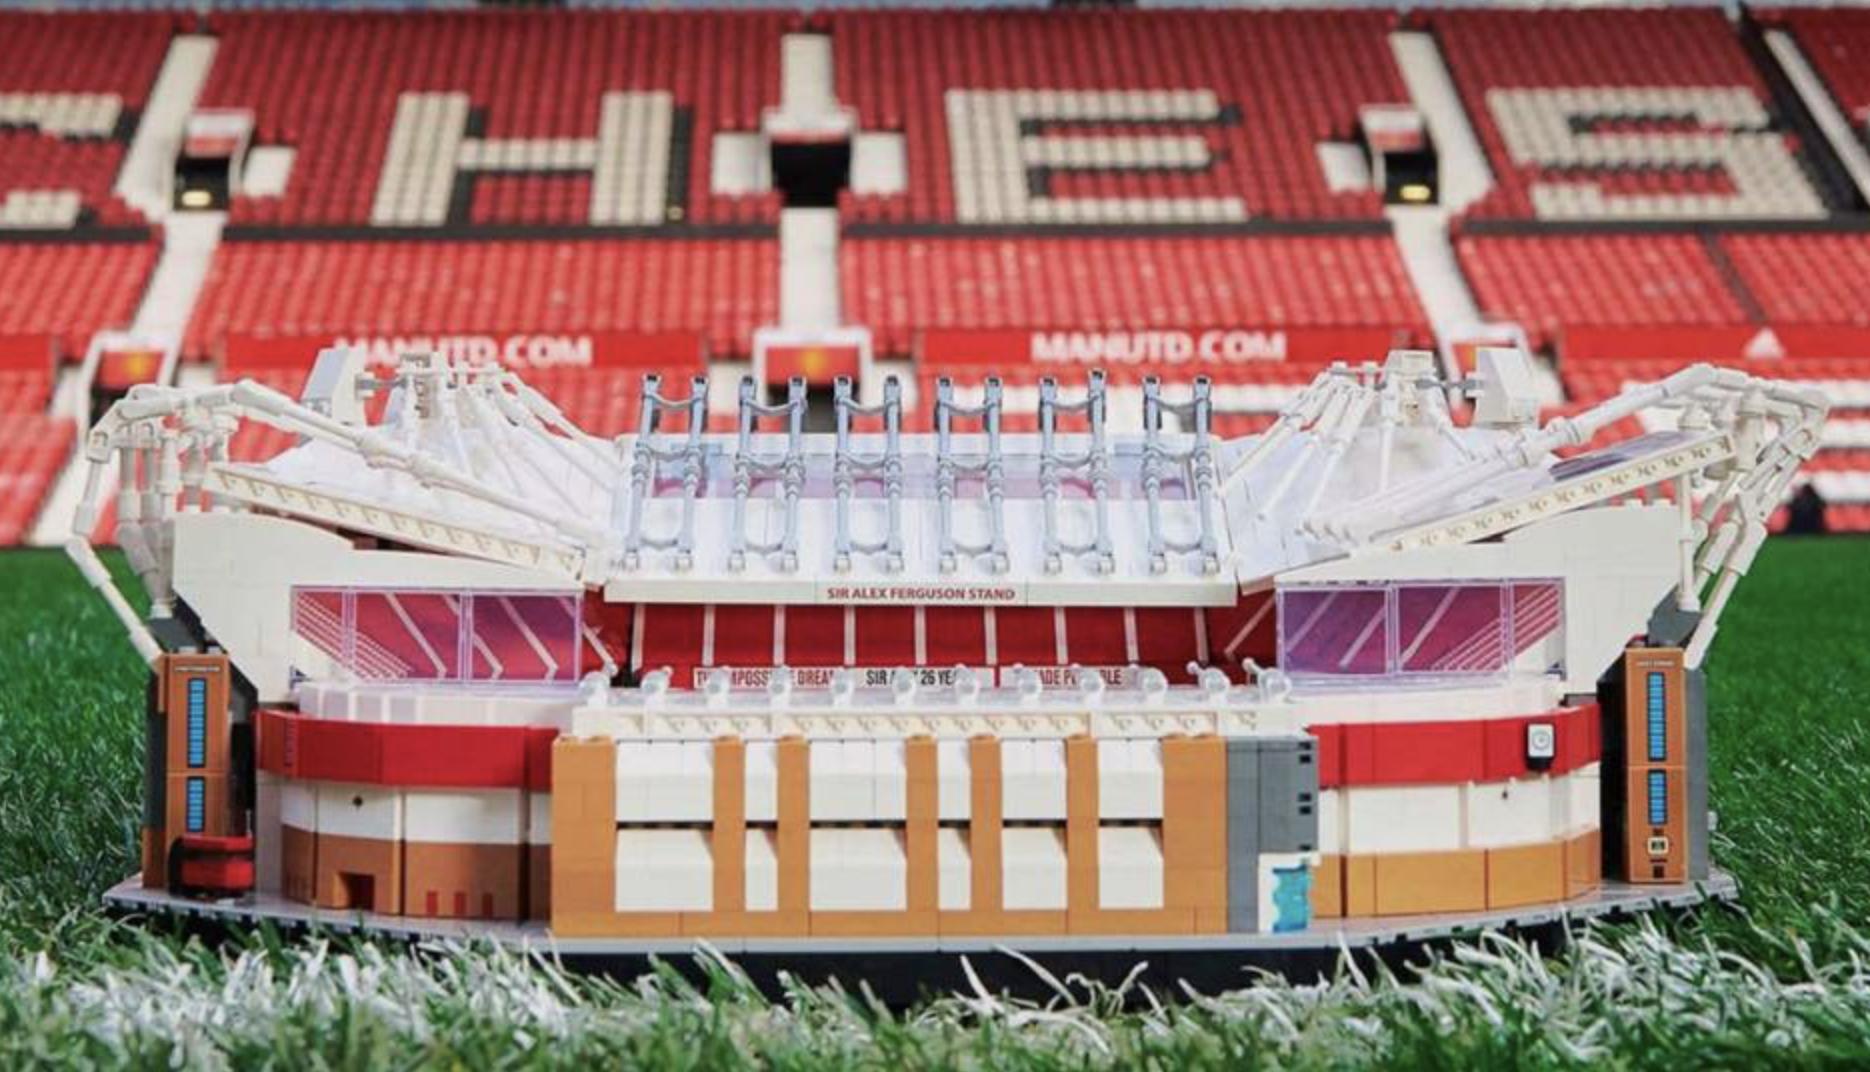 曼联与乐高达成合作,发布老特拉福德套装!